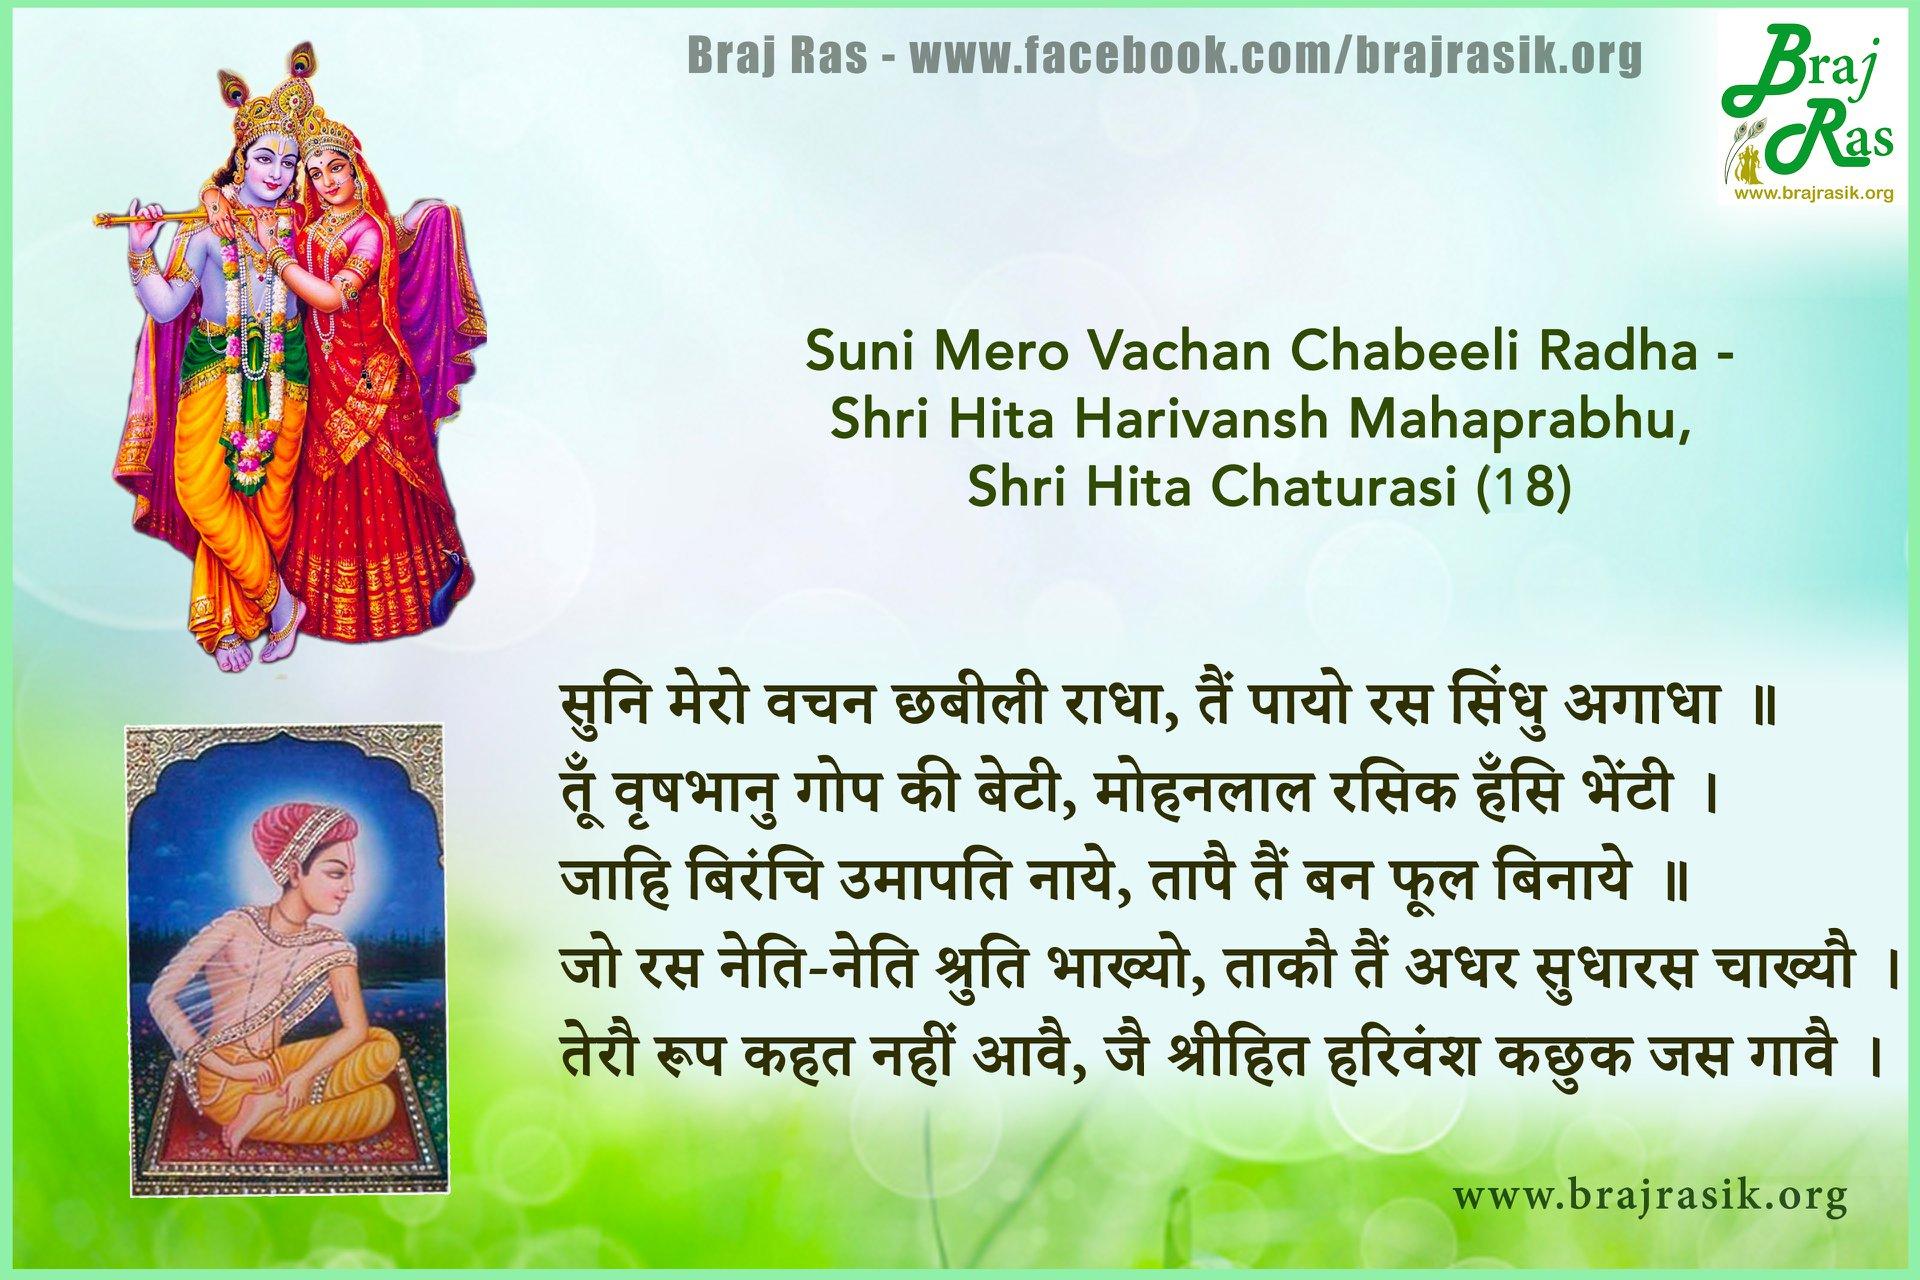 Suni Mero Vachan Chabeeli Radha -Shri Hita Harivansh Mahaprabhu, Shri Hita Chaturasi (98)